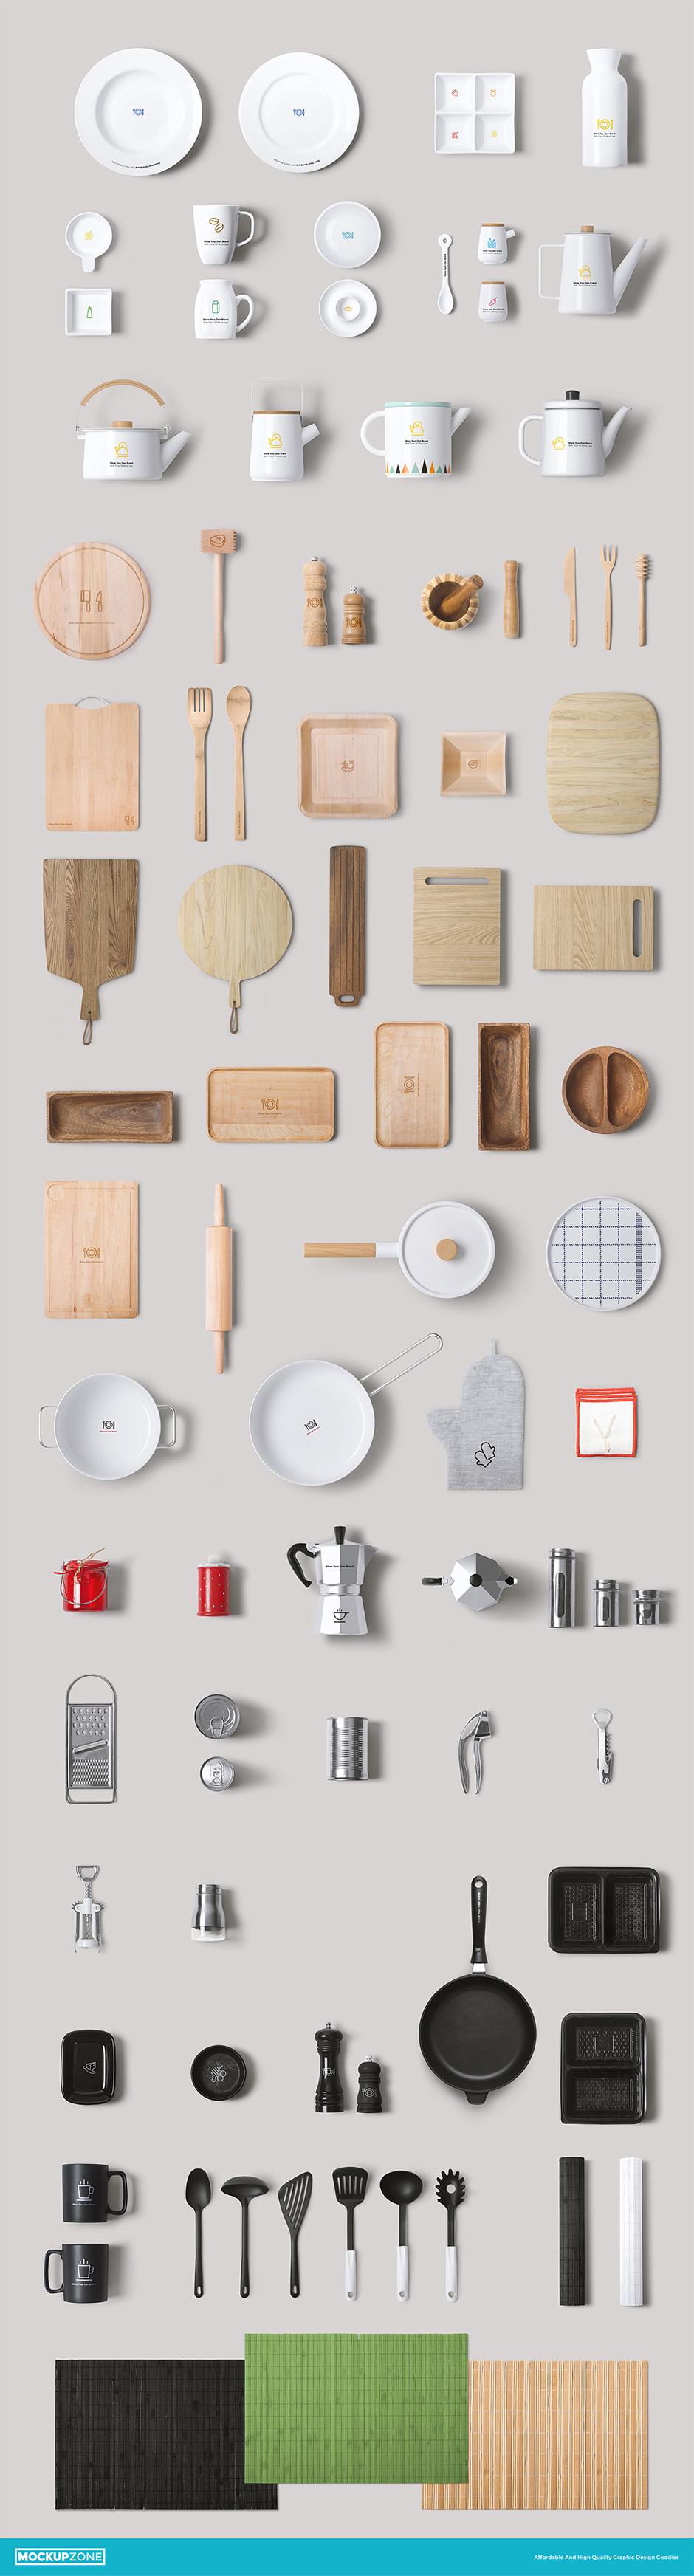 Küchen Utensilien Mockup für Präsentationen